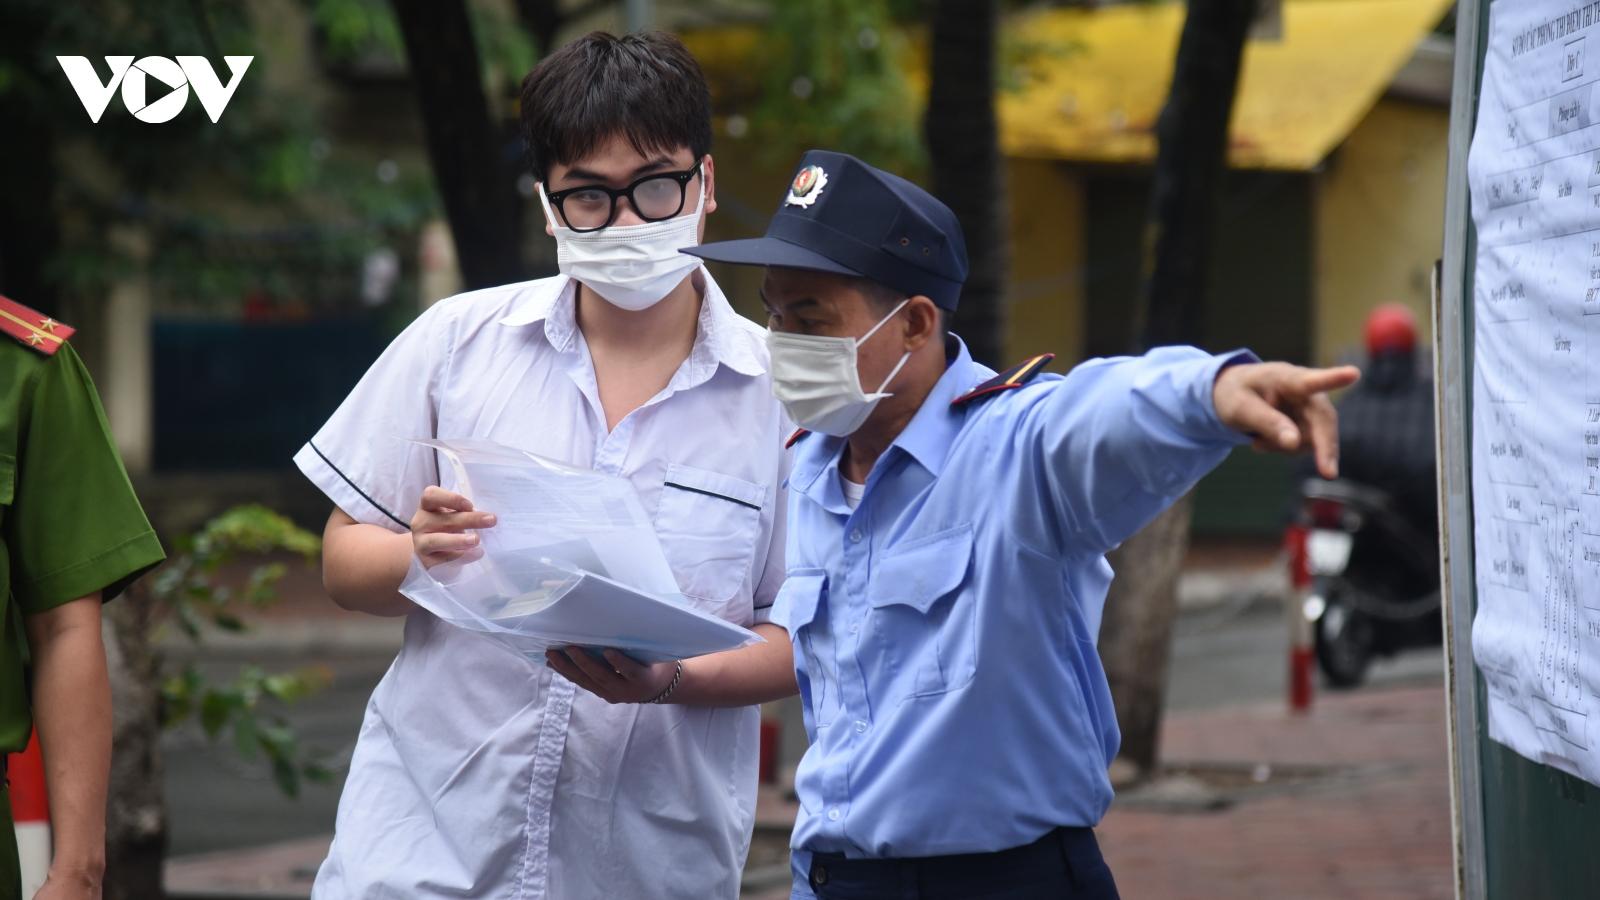 Thí sinh Hà Nội đội mưa đi thi buổi đầu tiên vào lớp 10 THPT